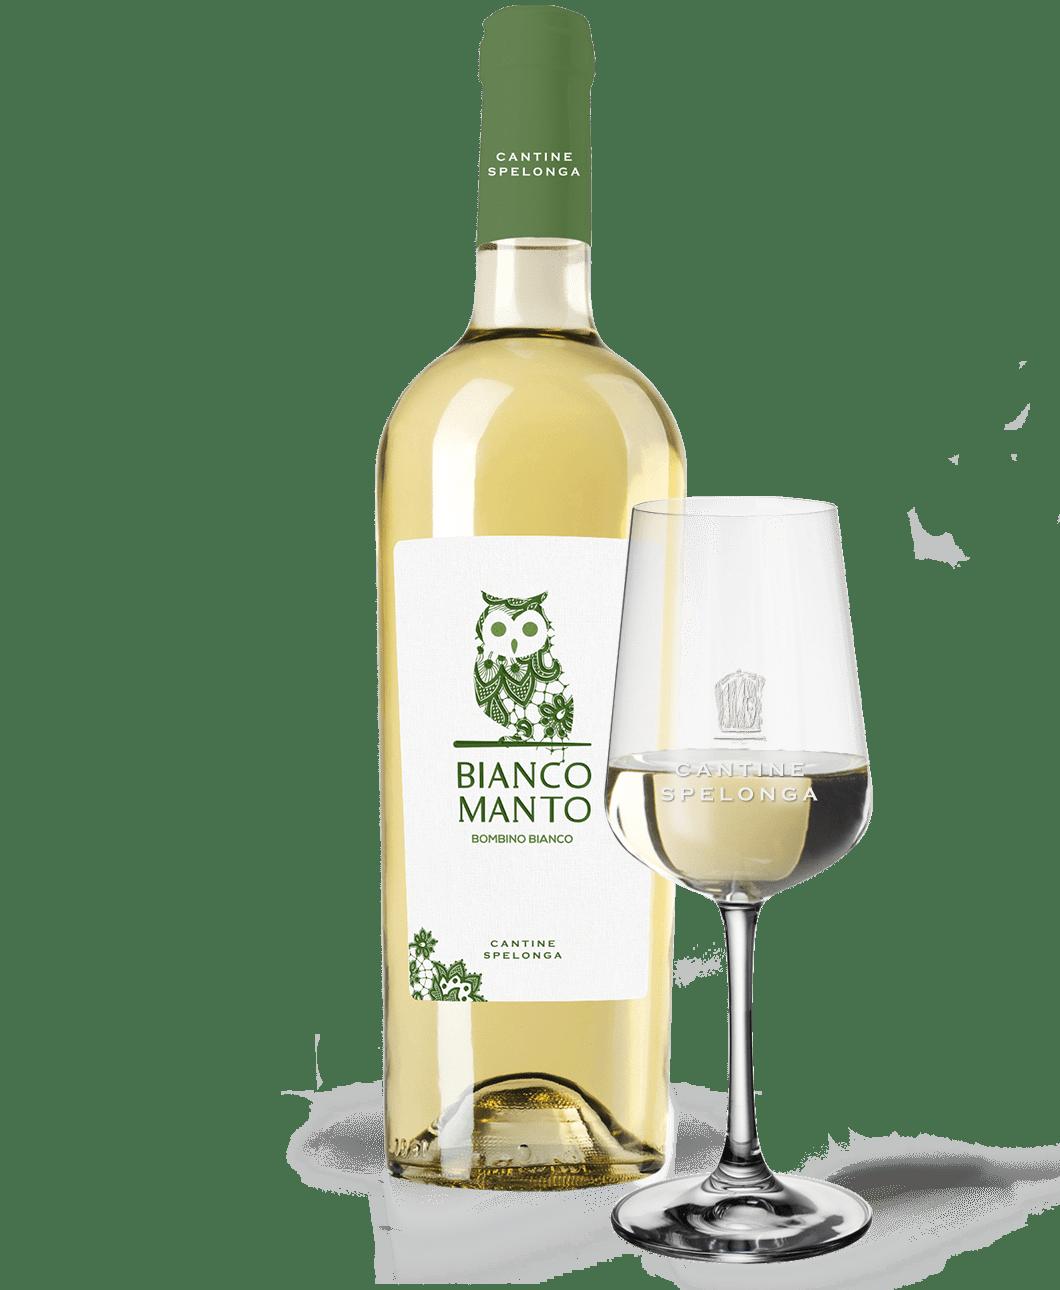 Bottiglia e calice di vino Biancomanto di Cantine Spelonga